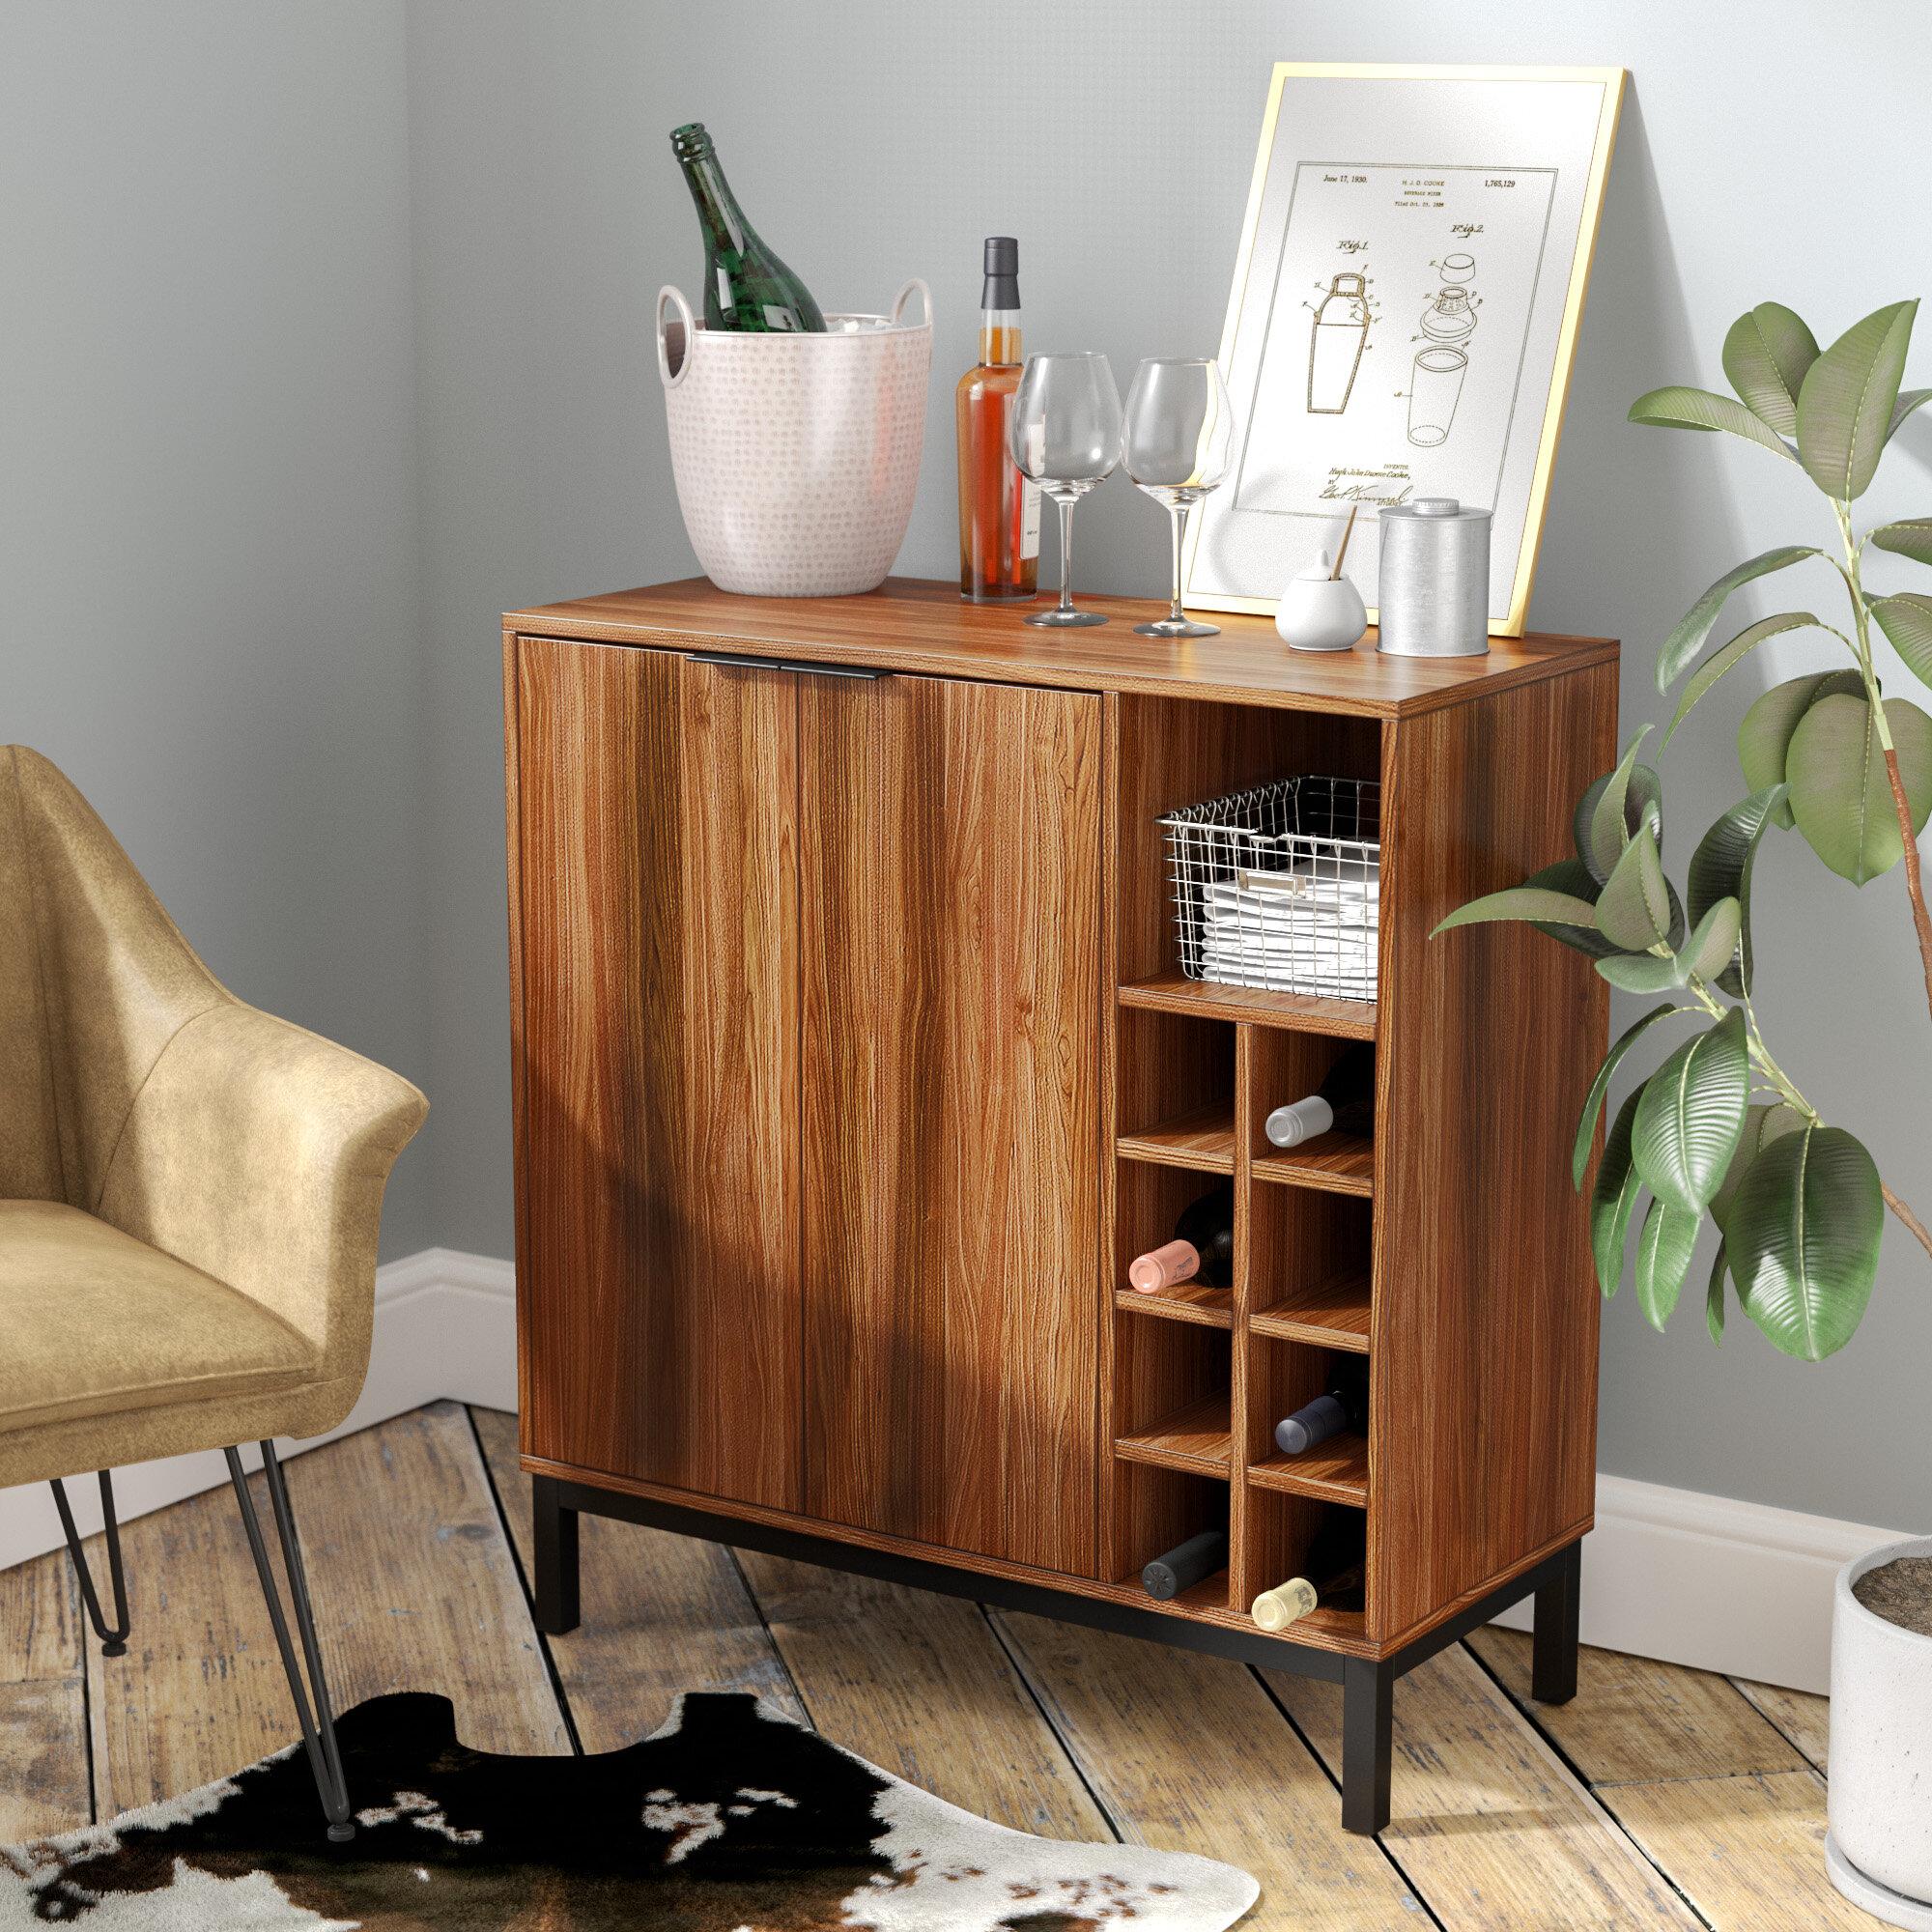 Boda Bar Cabinet